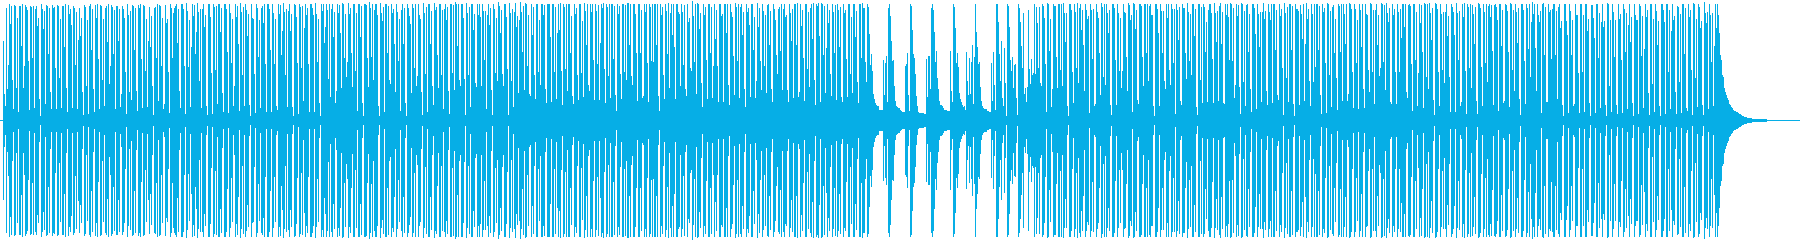 ほんわか日常ウクレレピアノポップの再生済みの波形